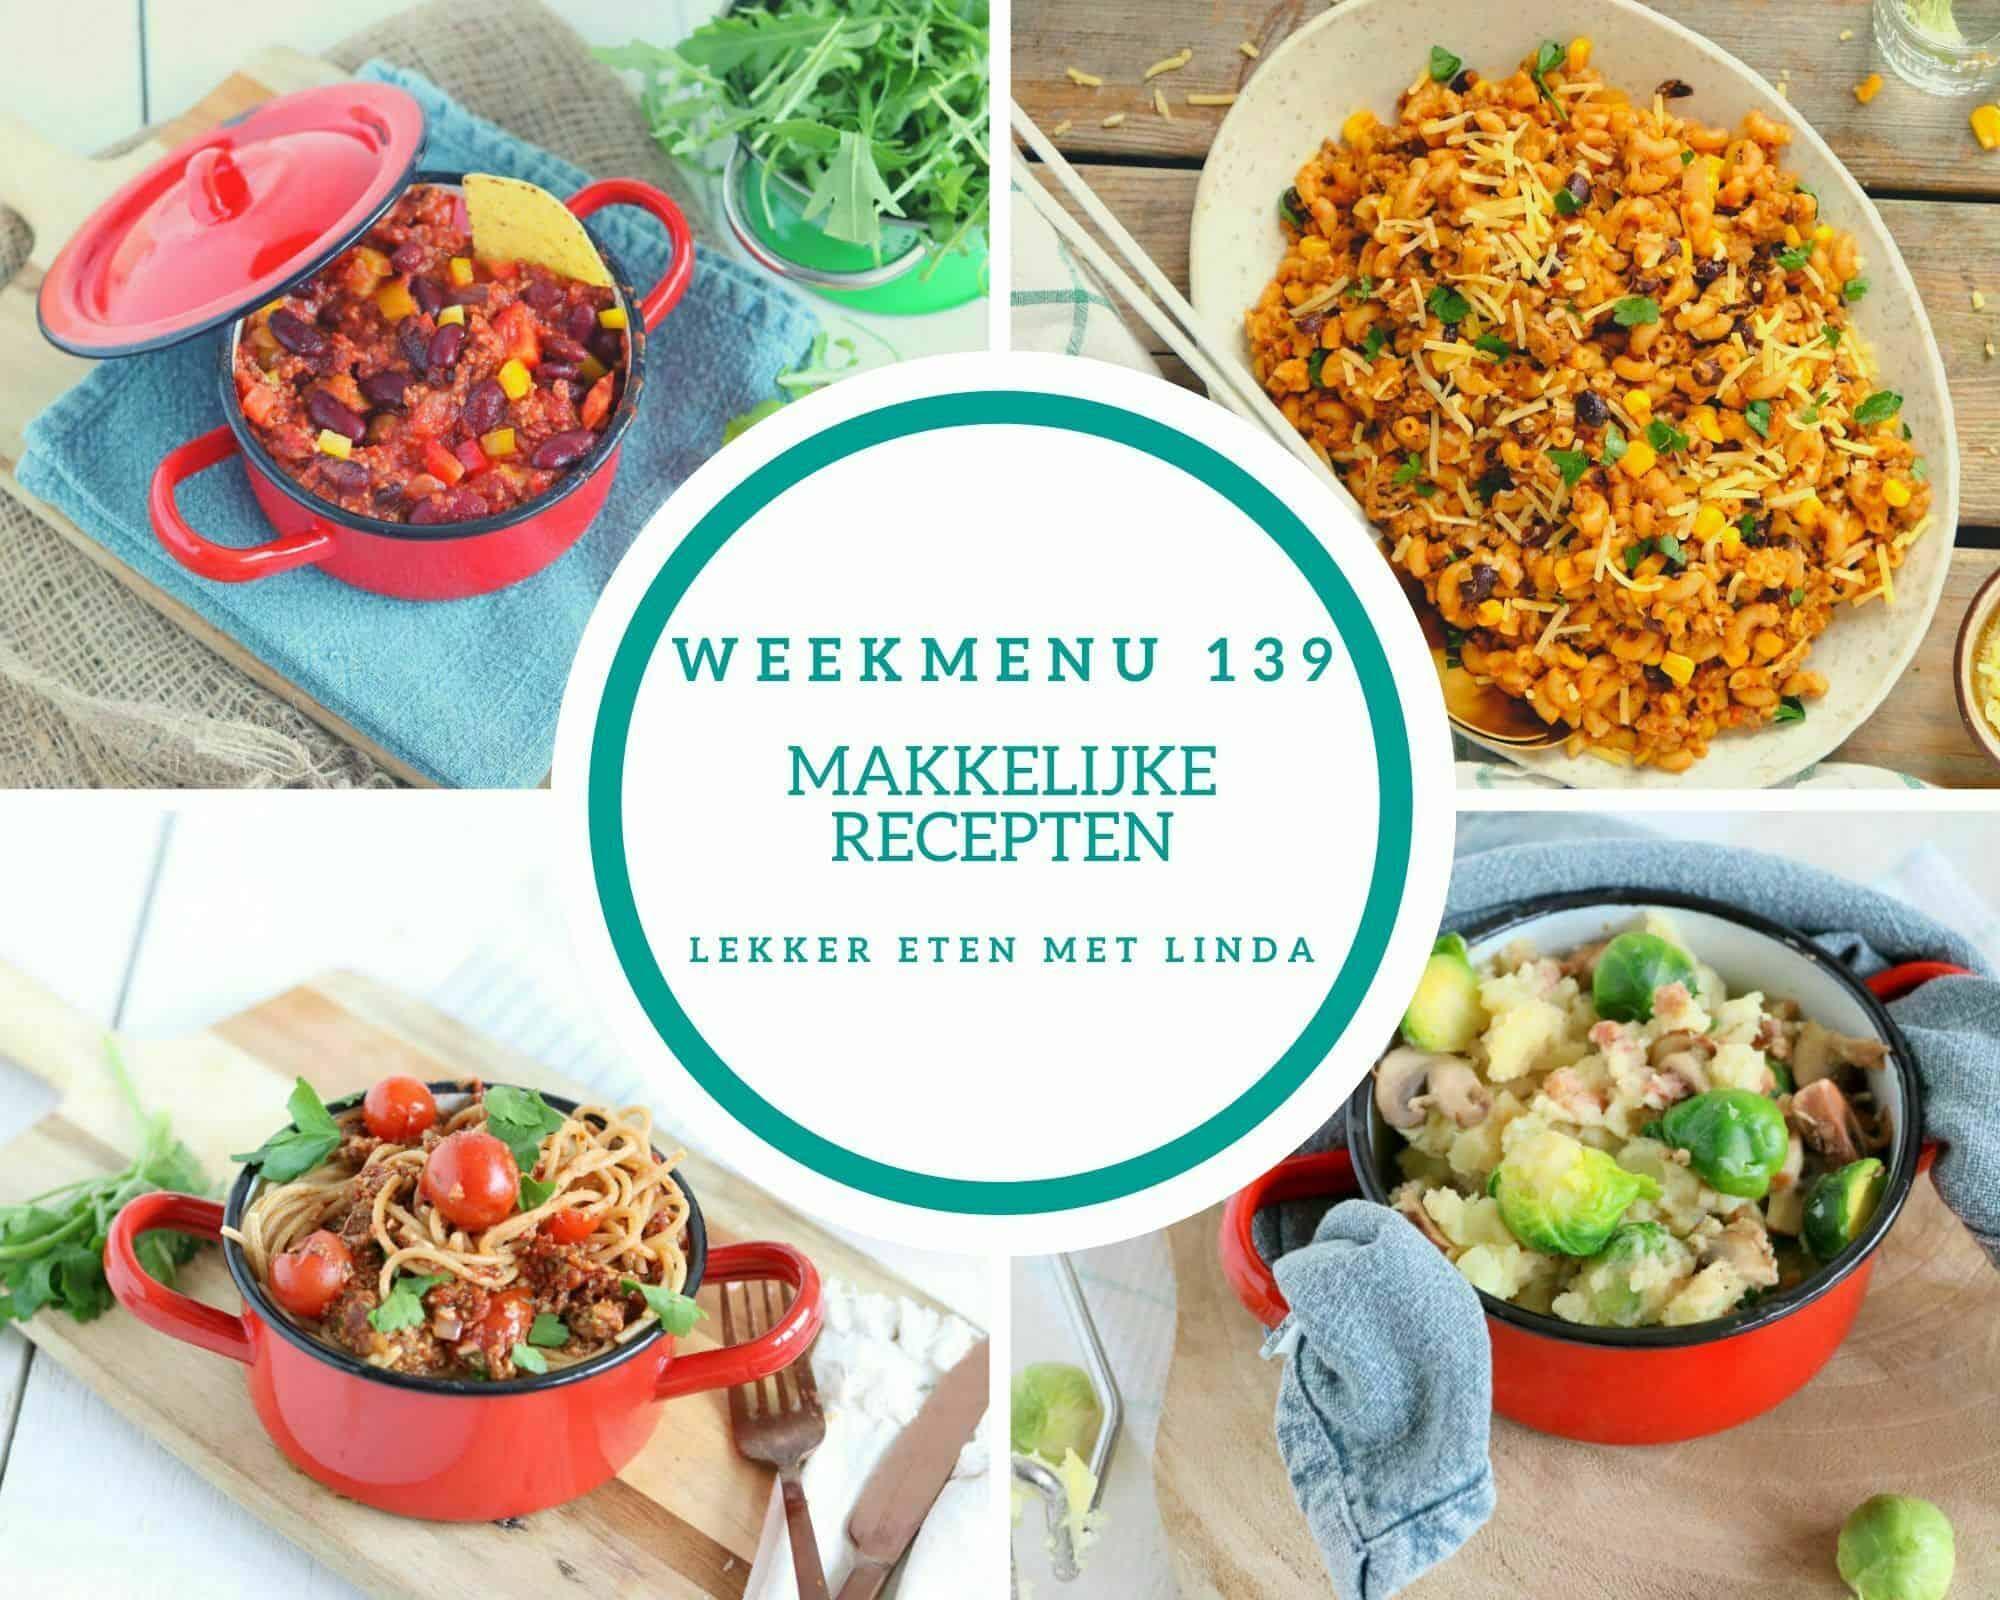 Weekmenu 139 makkelijke maaltijden